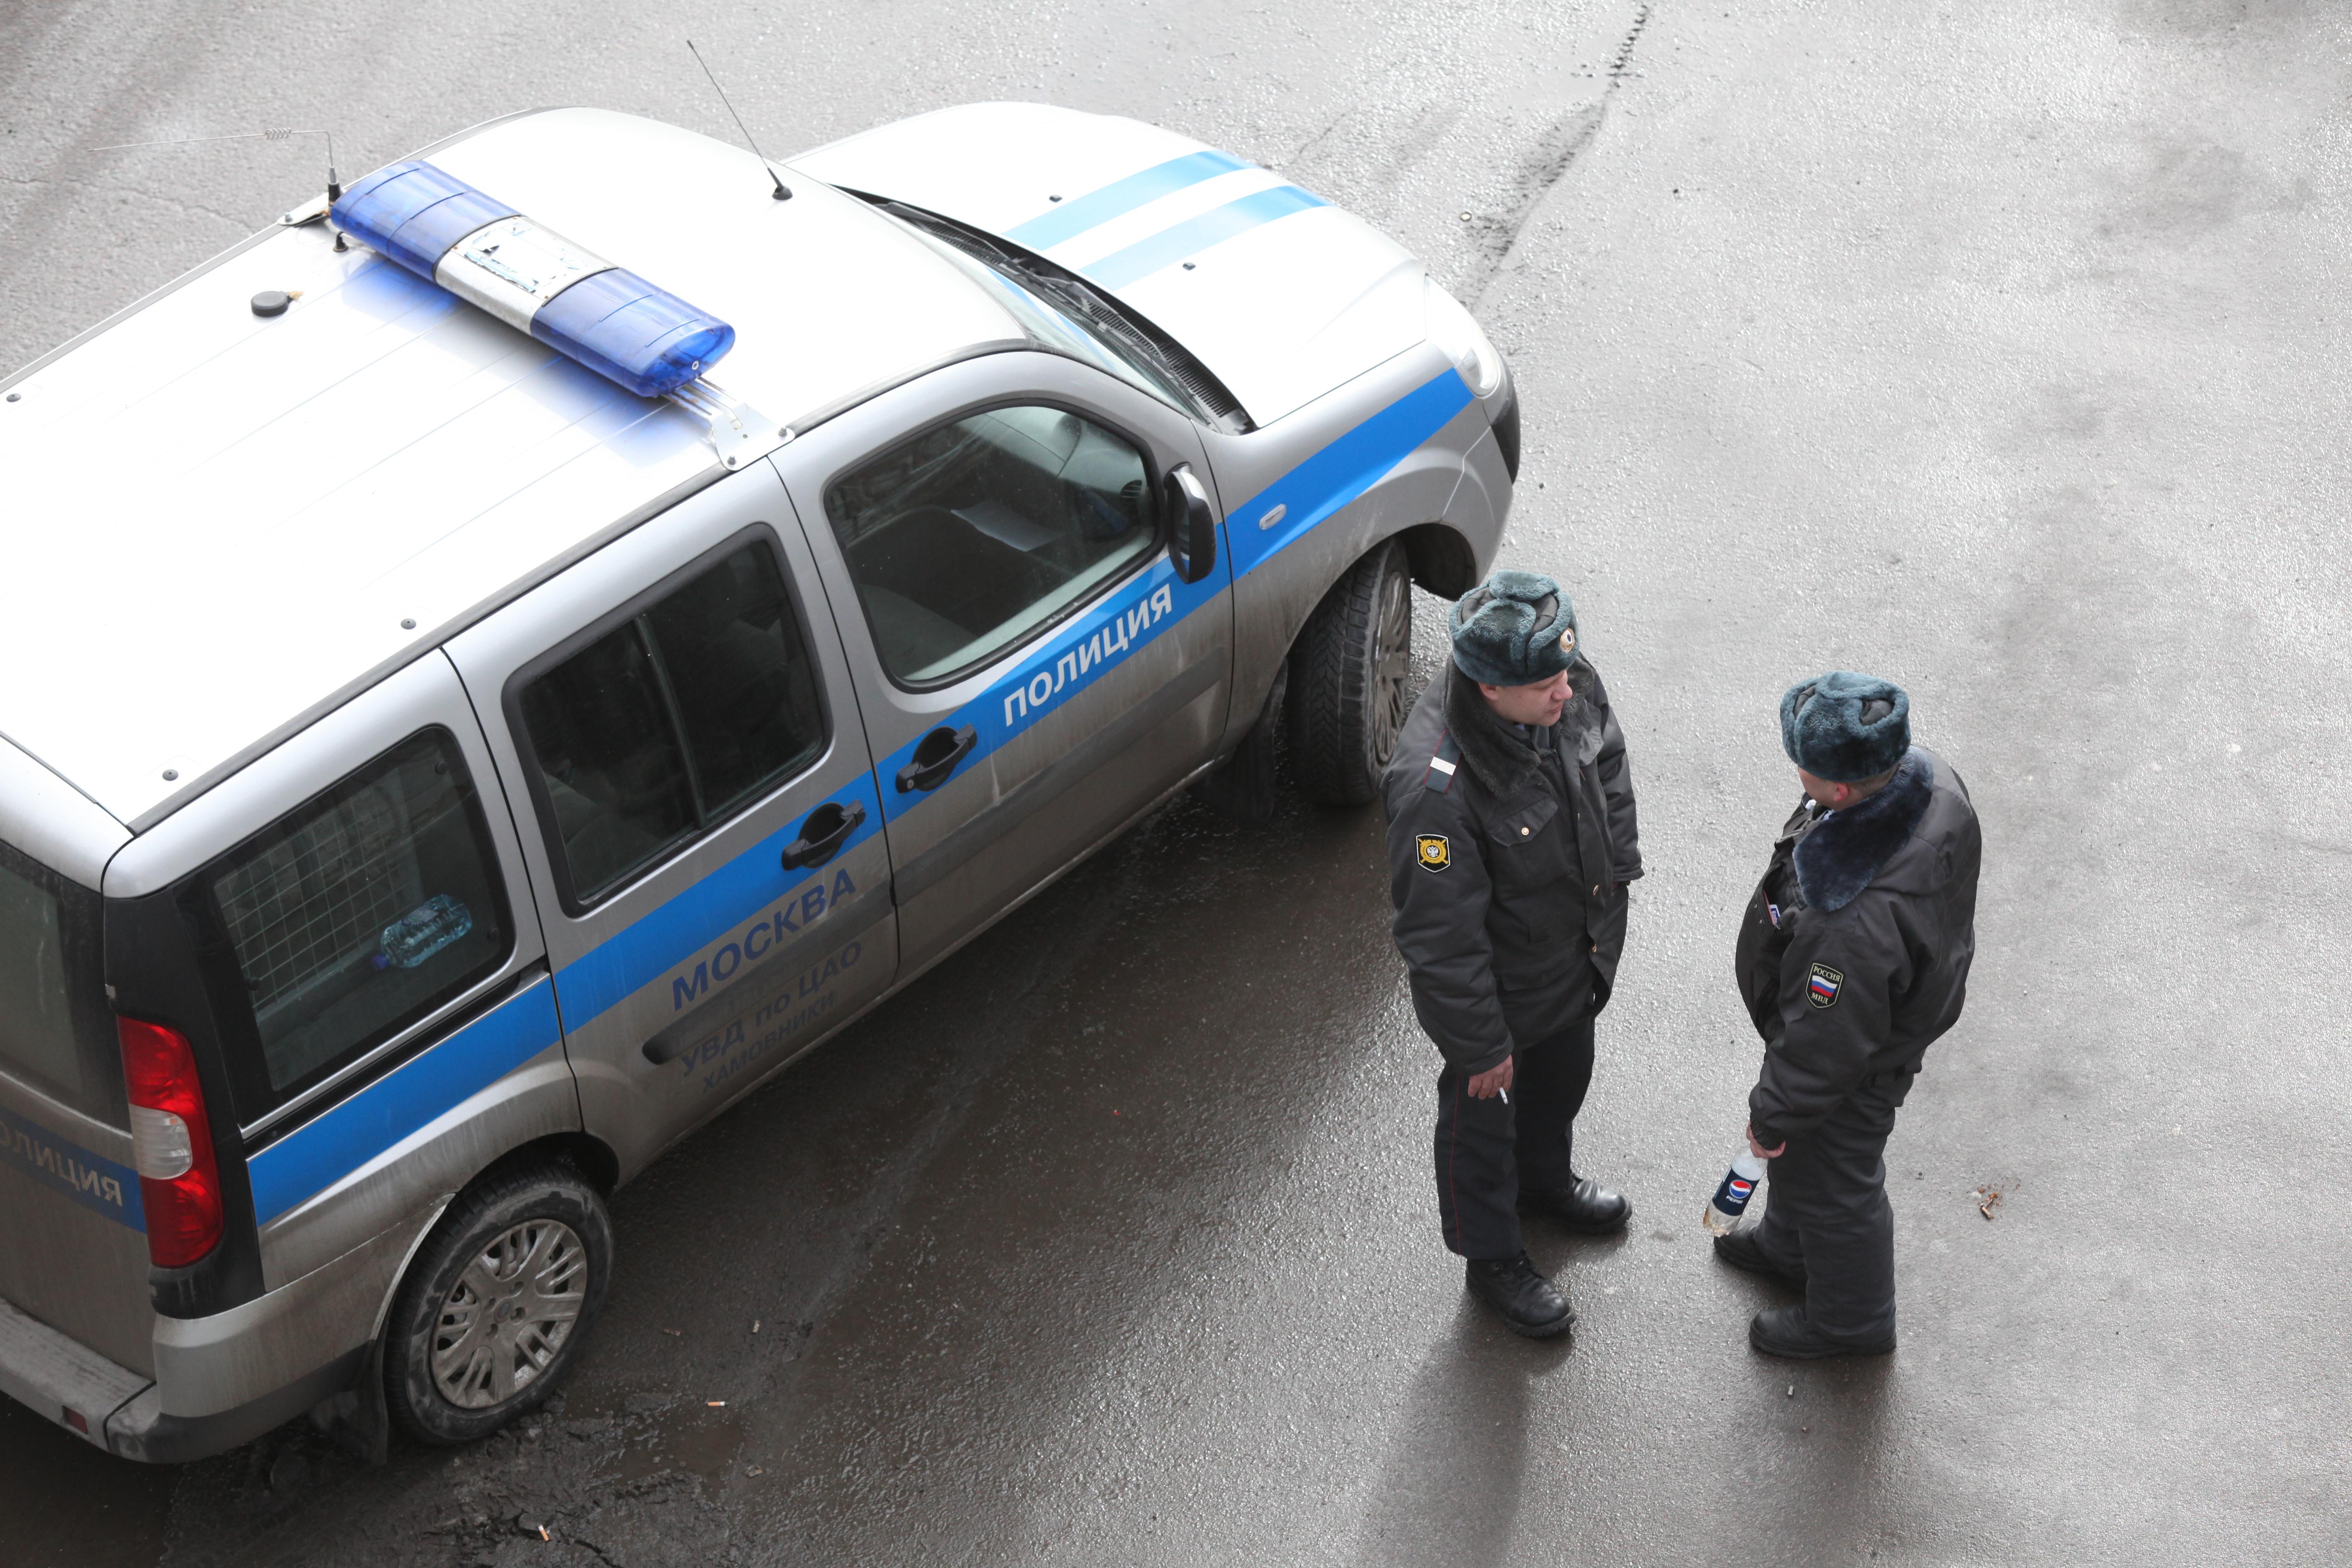 В Москве петербуржец пытался взломать банкомат молотком